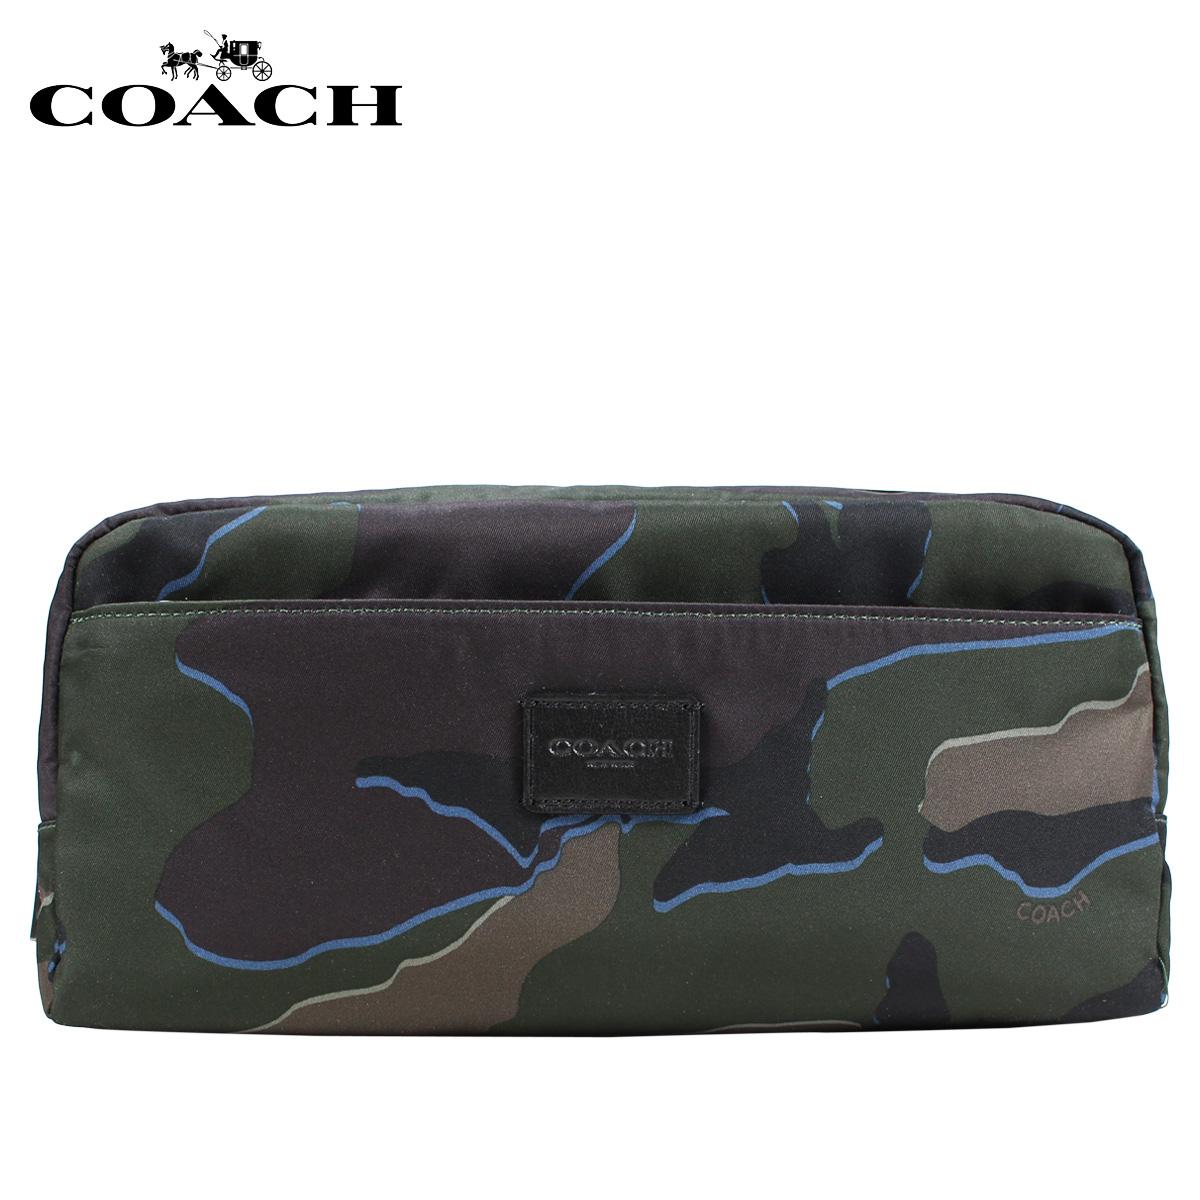 COACH F30754 コーチ ポーチ 小物入れ メンズ レザー カモ グリーン